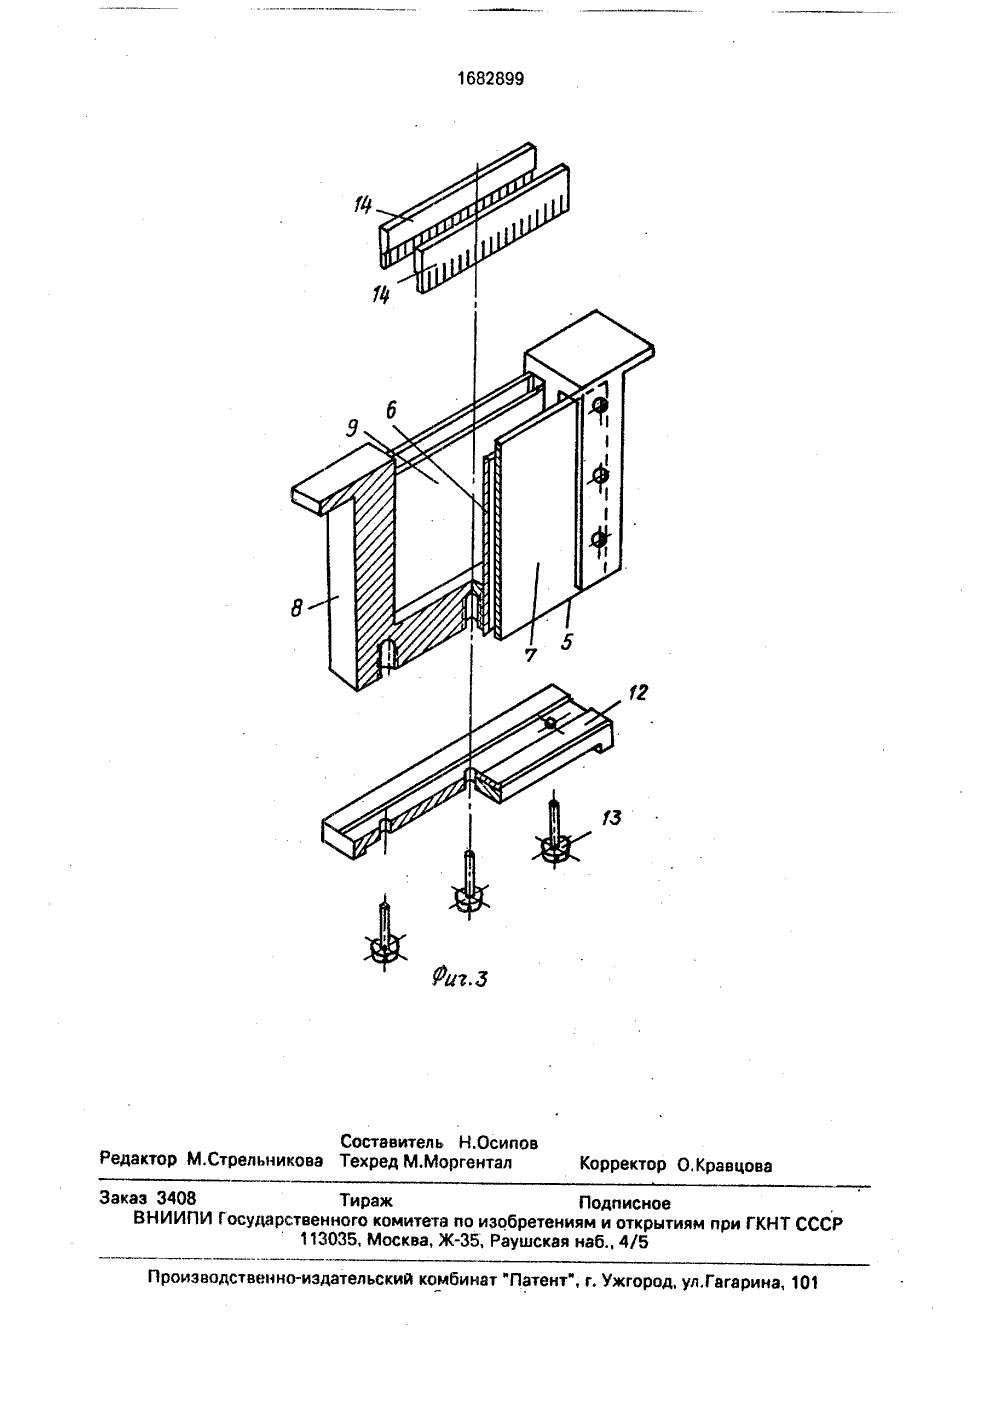 Инструкция по проведению электрофореза белков